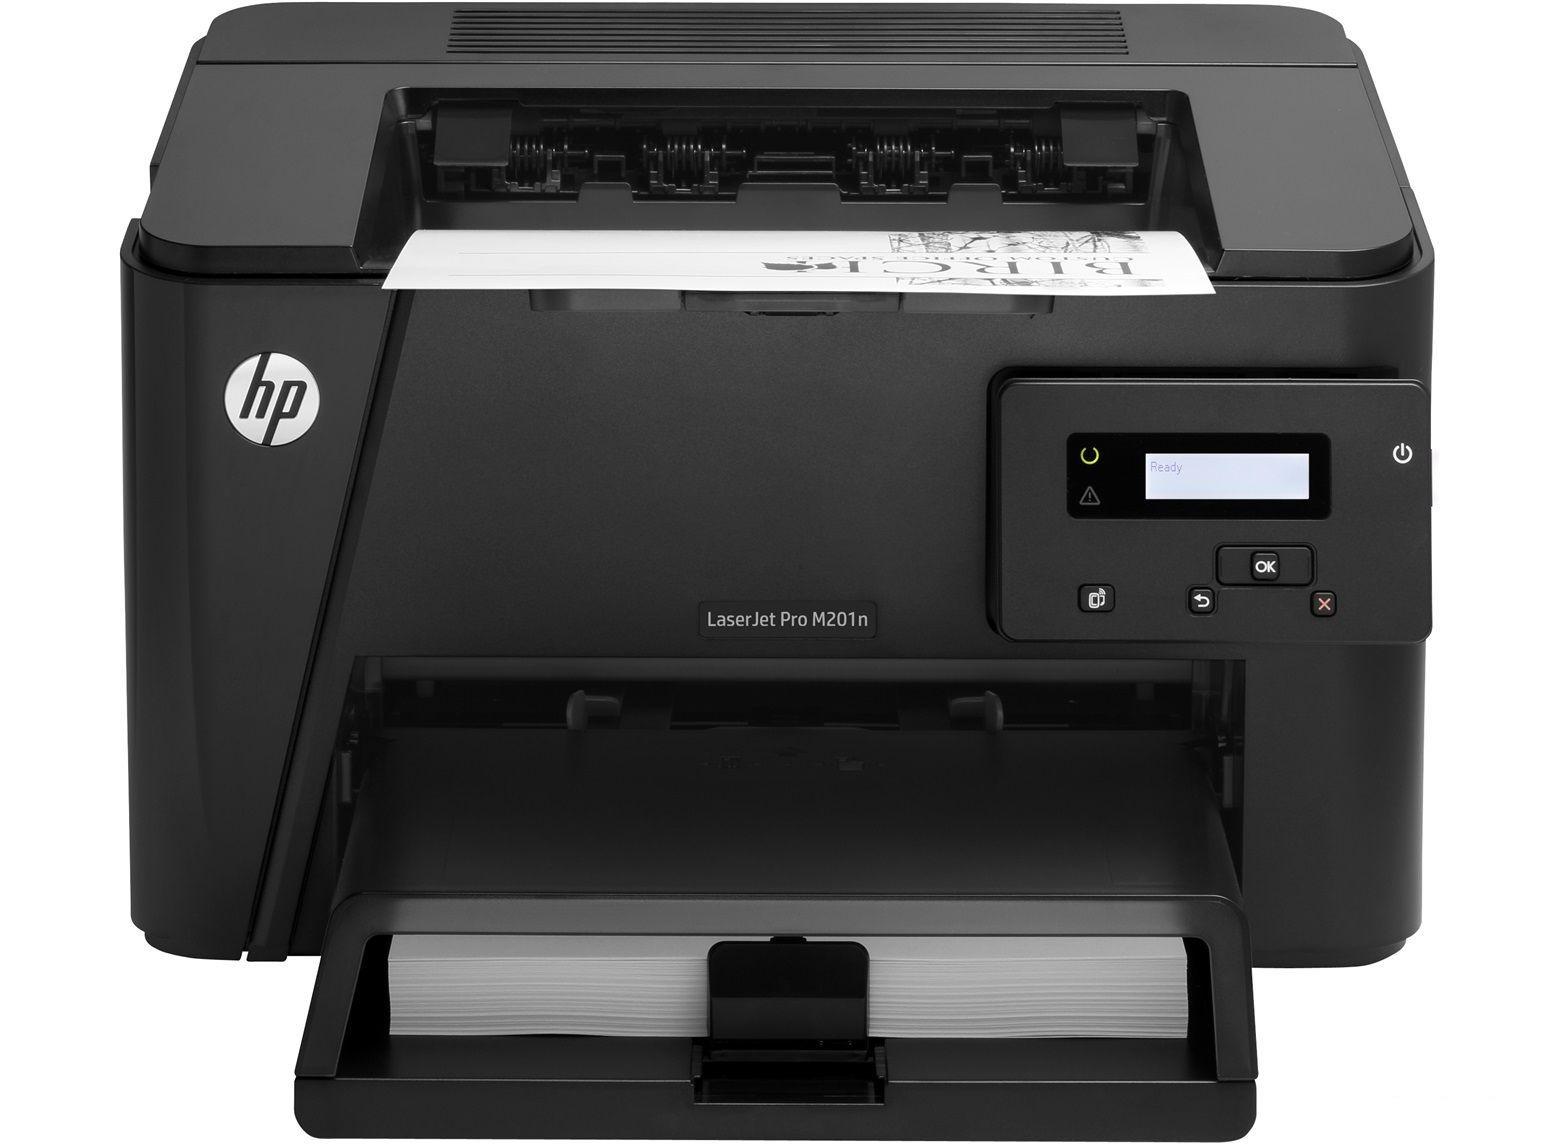 Принтер HP LaserJet Pro M201n